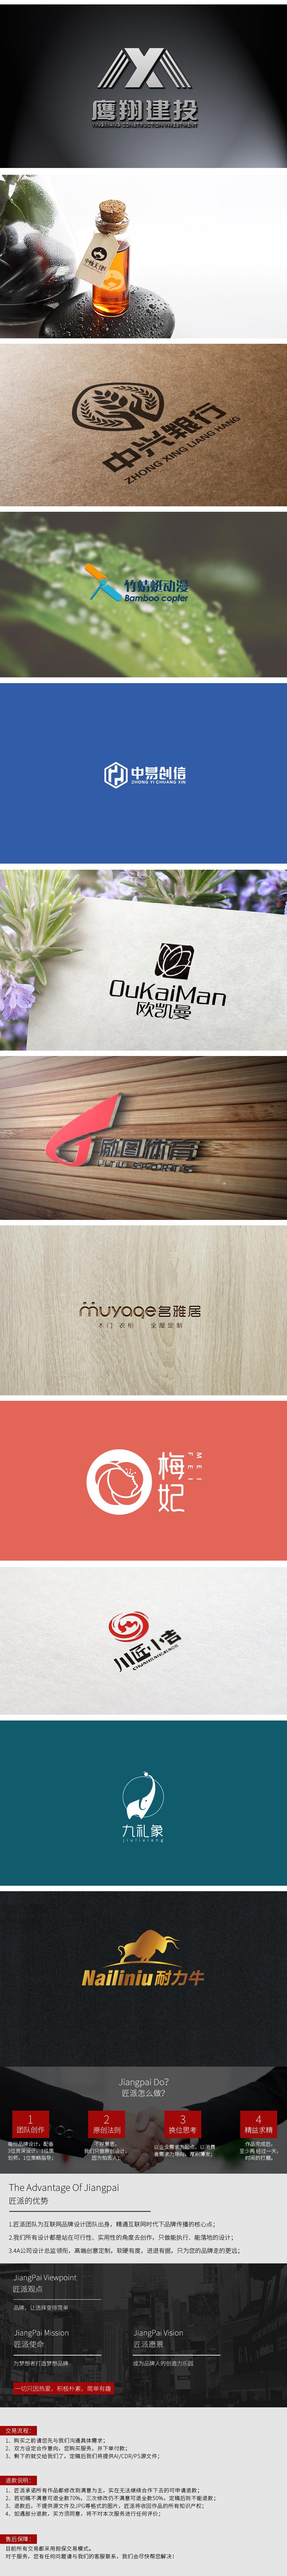 _logo设计可注册副总监操刀企业品牌标志商标LOGO设计公司4